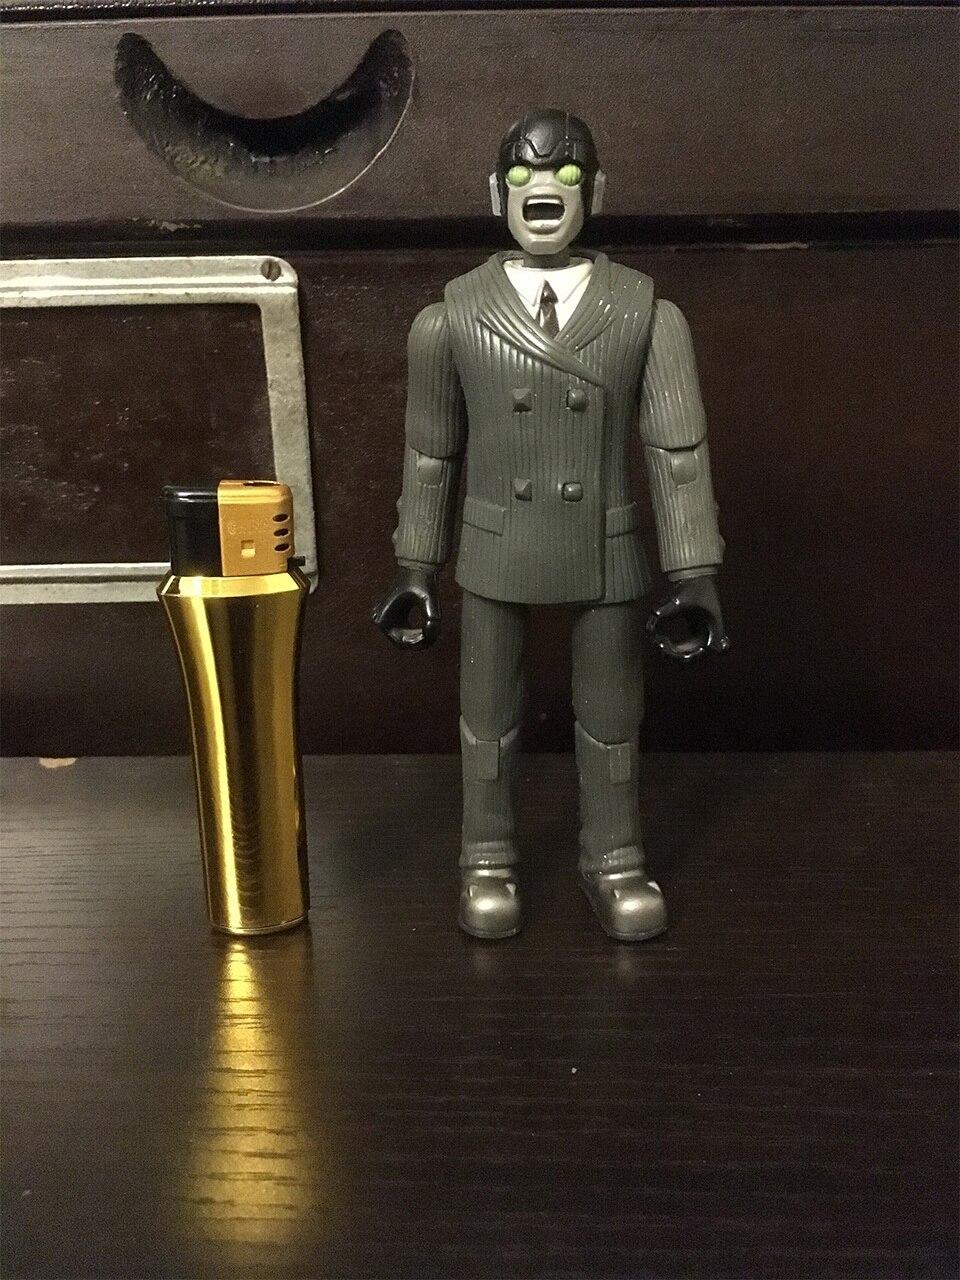 Оригинальная классическая игрушка аминовая Астро мальчик робот кукла милая ПВХ фигурка Коллекционная модель свободная игрушка без коробк...